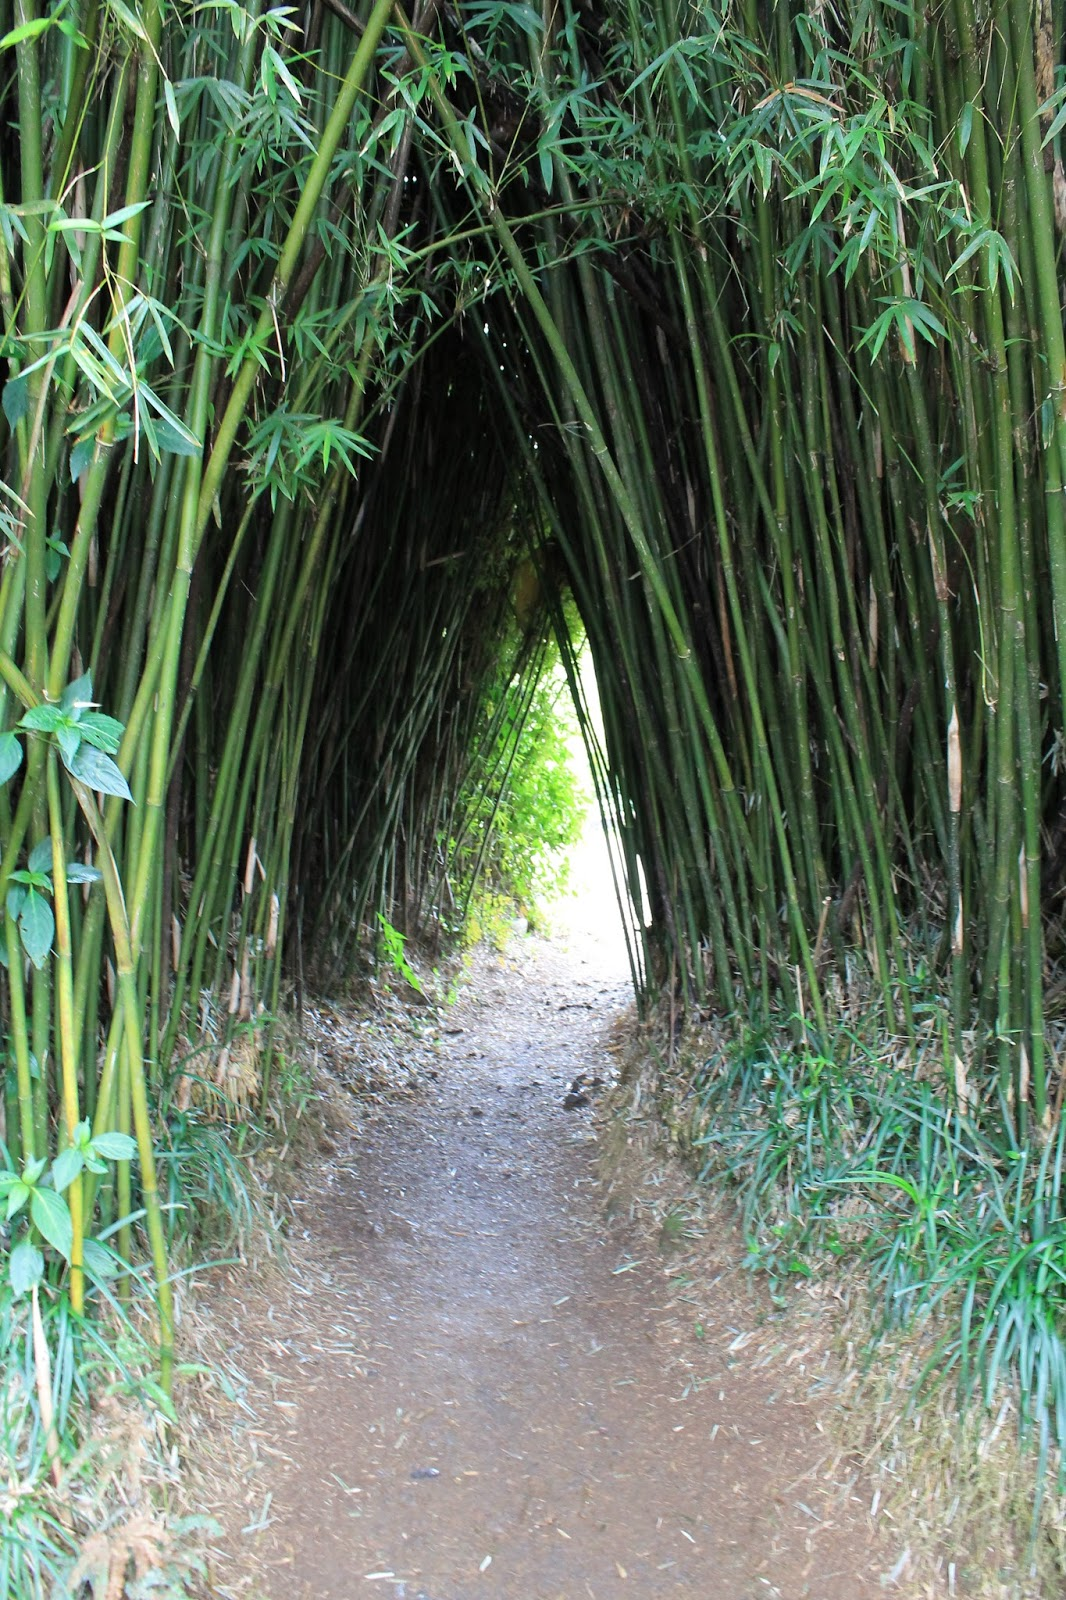 réunion île gotoreunion labyrinthe en champ thé tea grand coude visite à faire jumbocar irt tourisme 974 bambou entrée